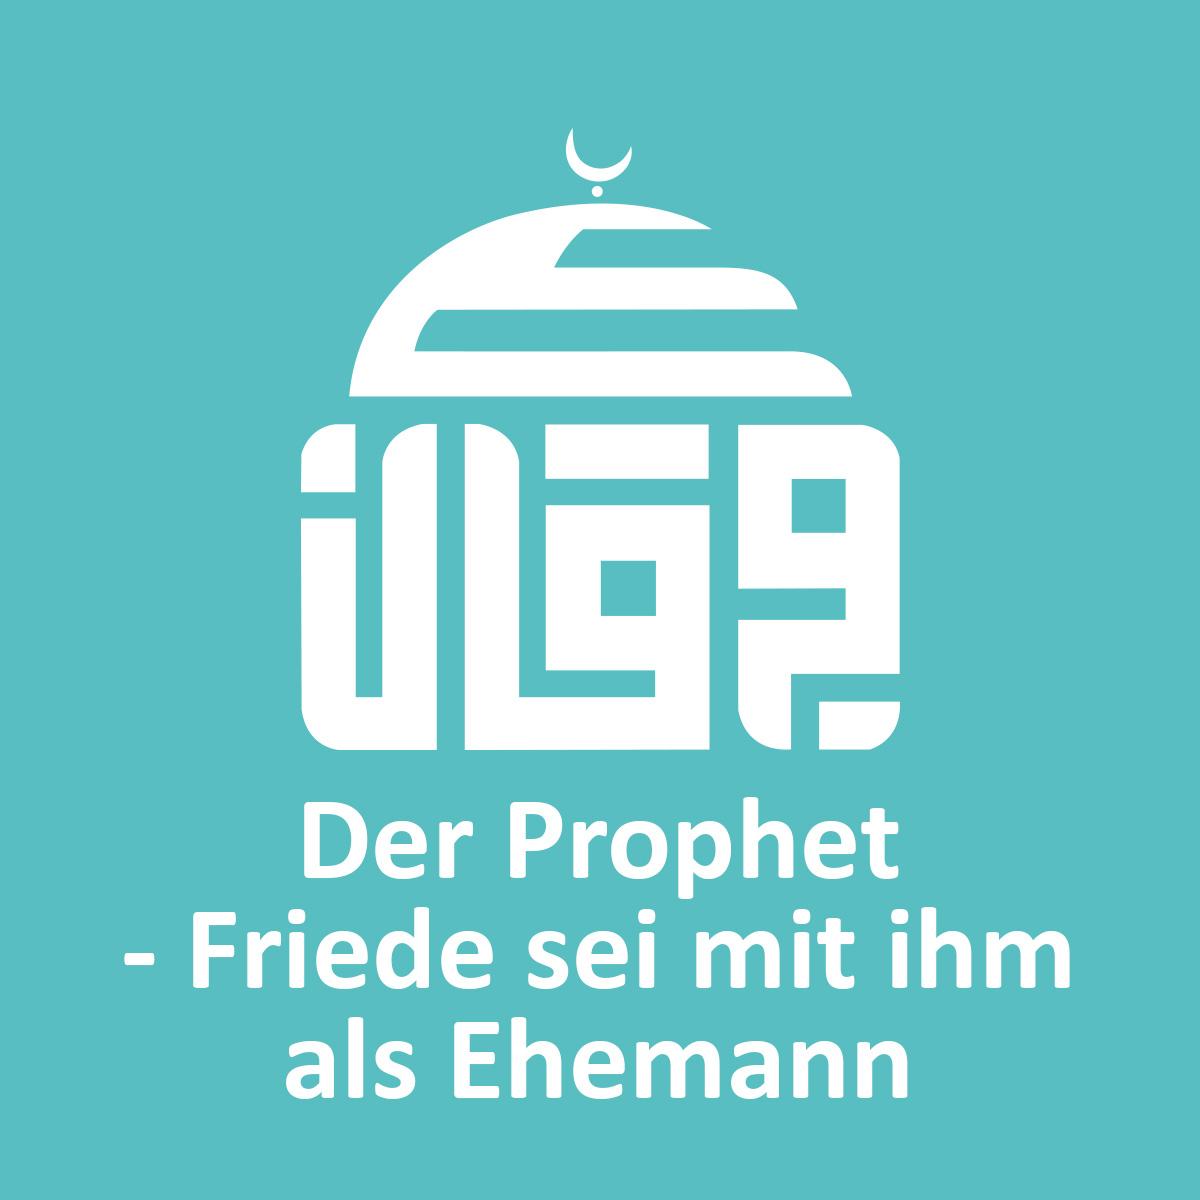 ehemann-prophet